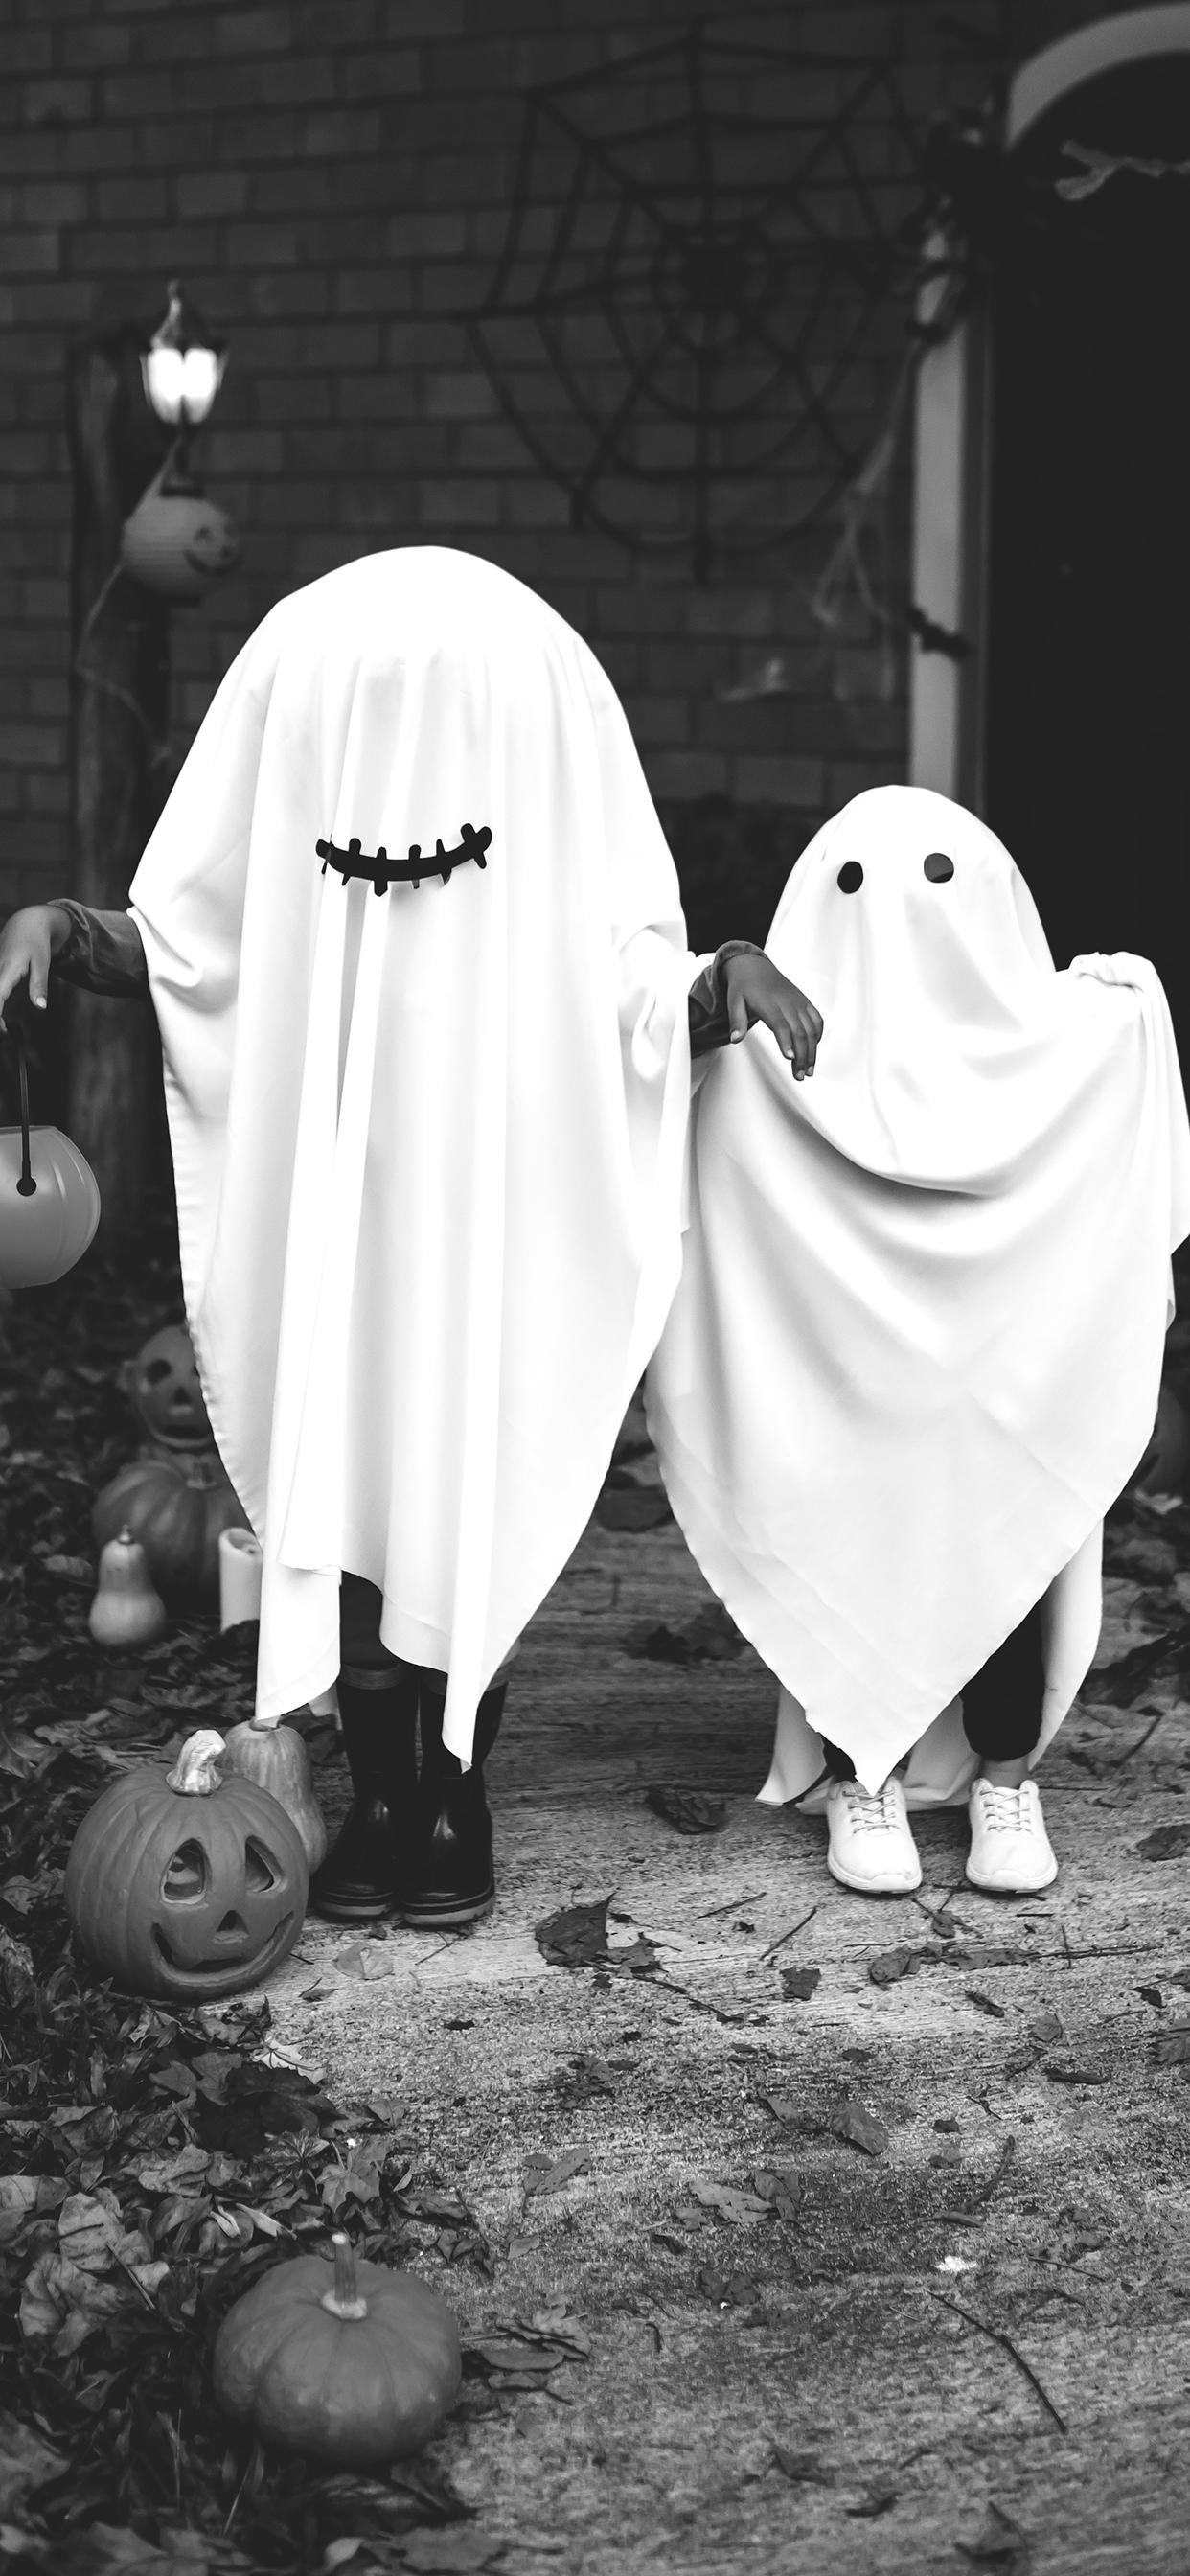 iPhone wallpaper halloween ghost Fonds d'écran iPhone du 31/10/2018